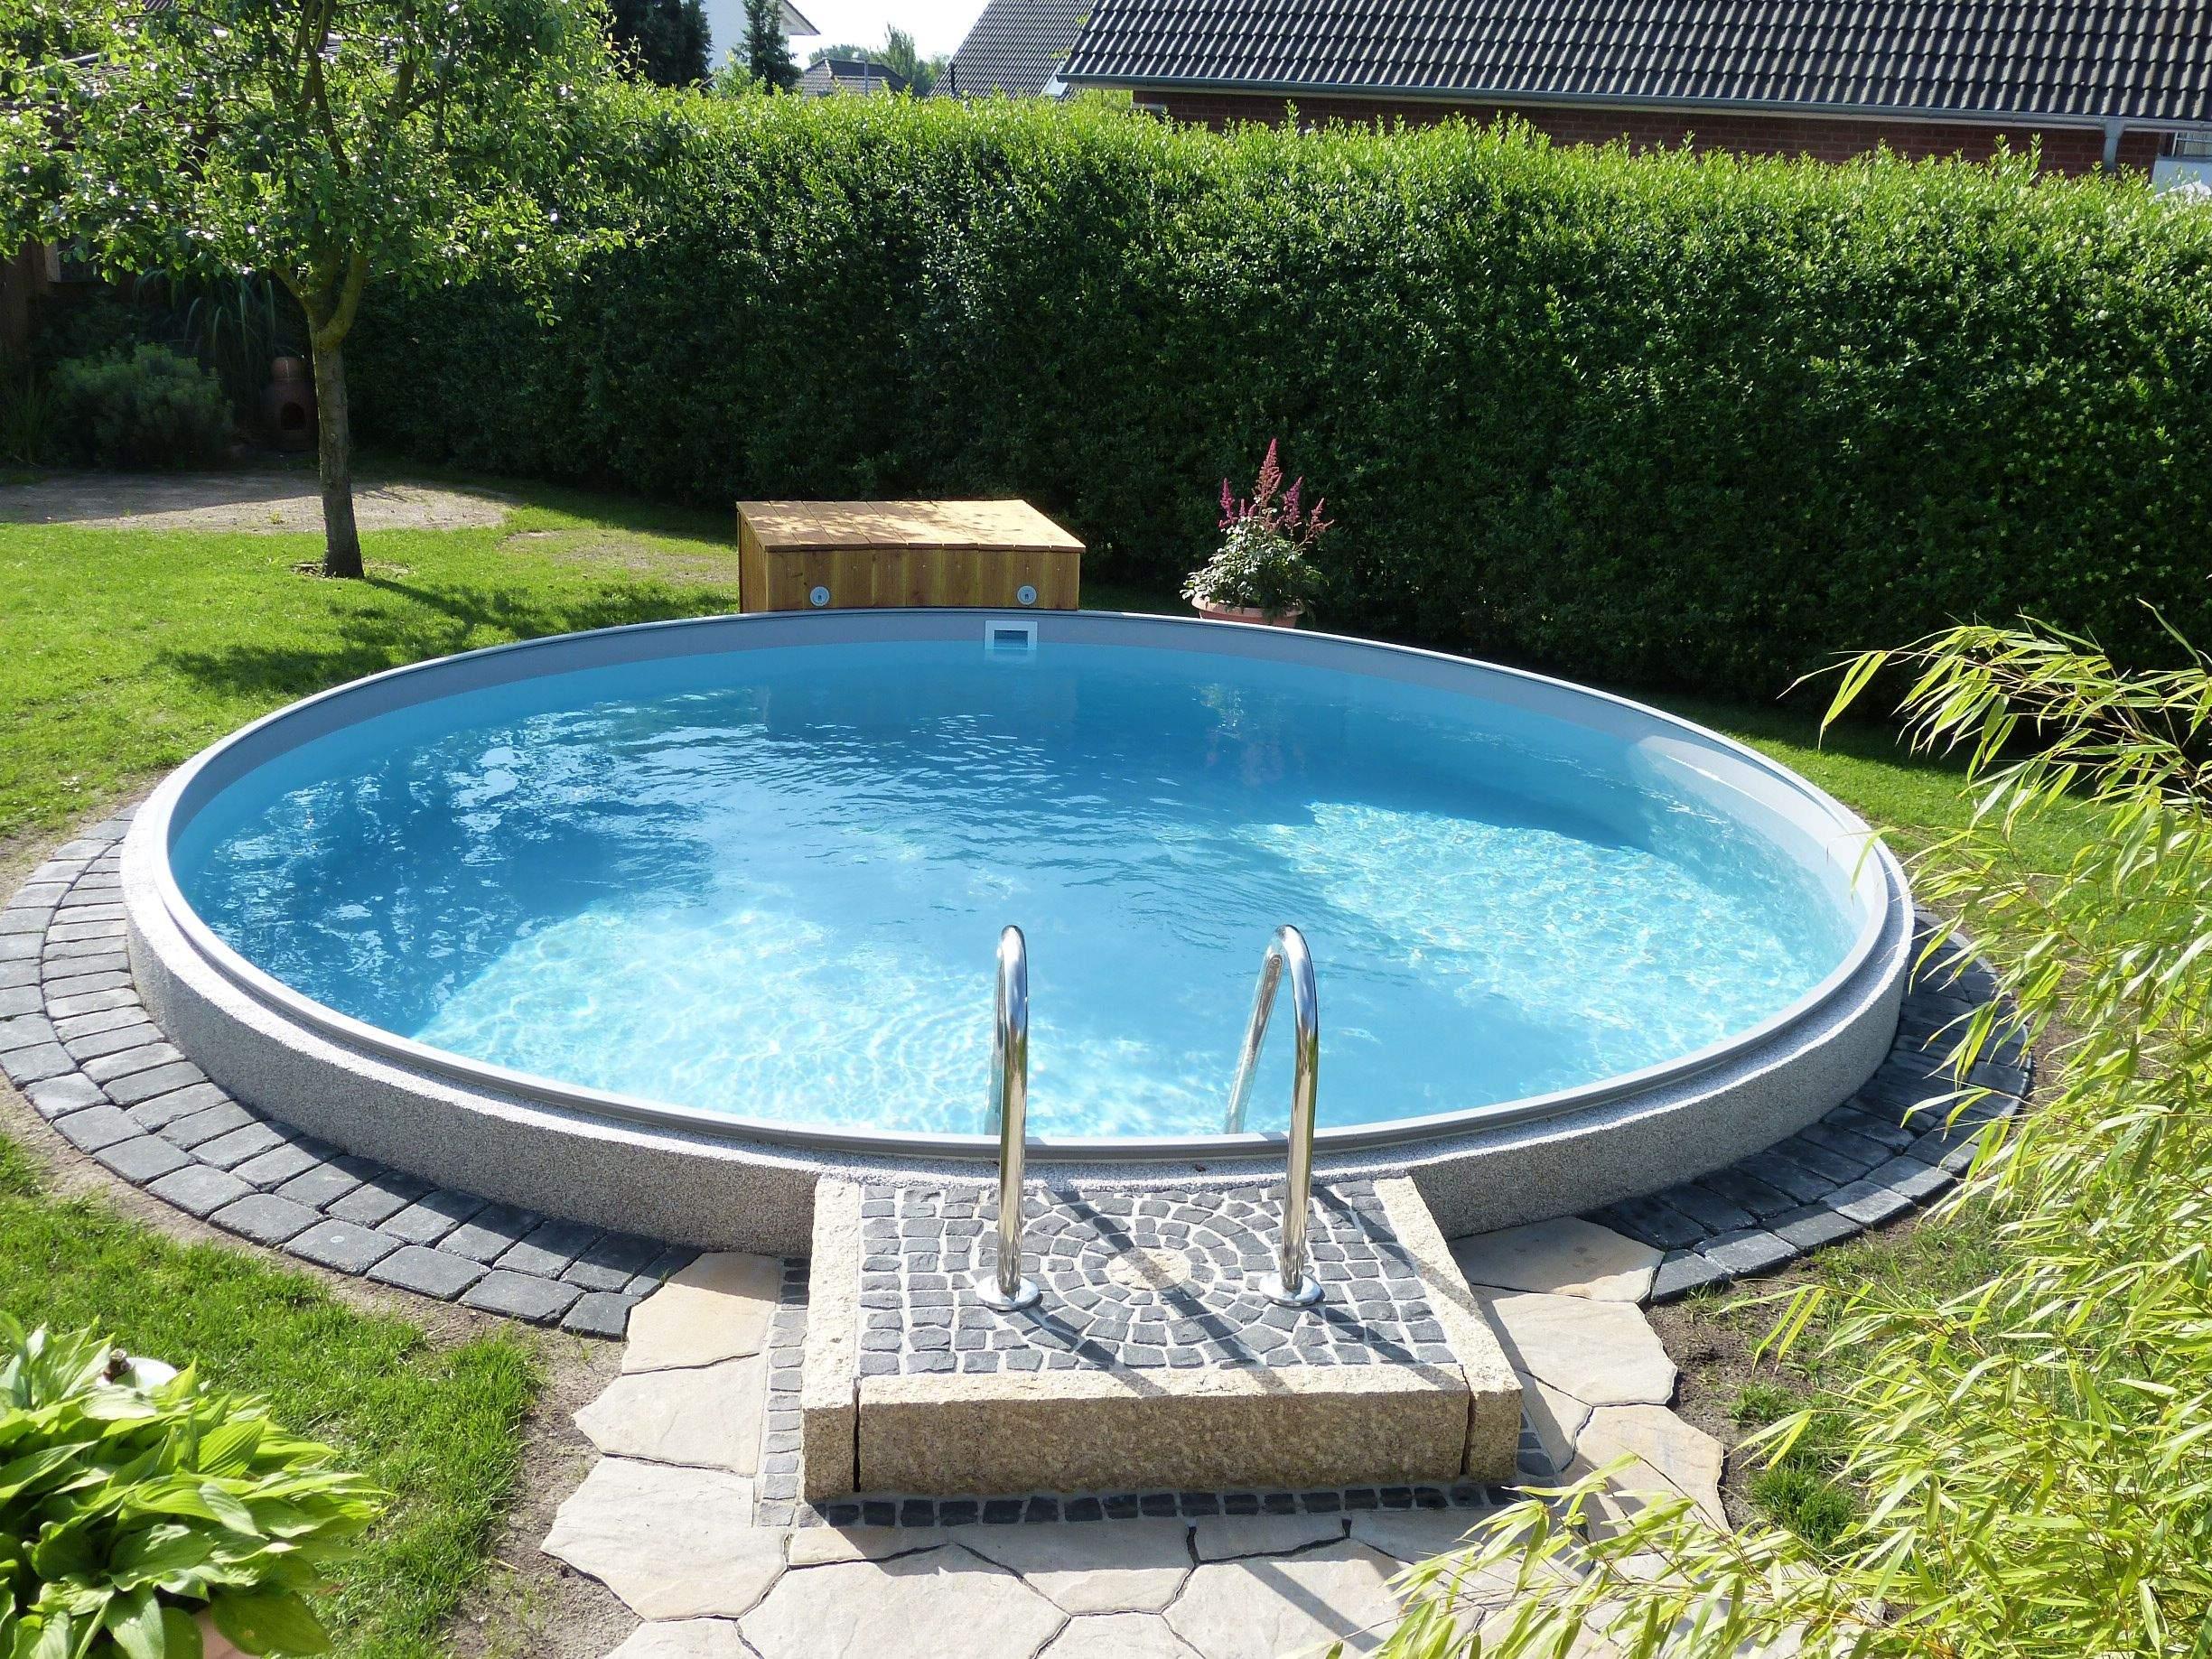 Garten Pool Ideen Elegant Poolakademie Bauen Sie Ihren Pool Selbst Wir Helfen